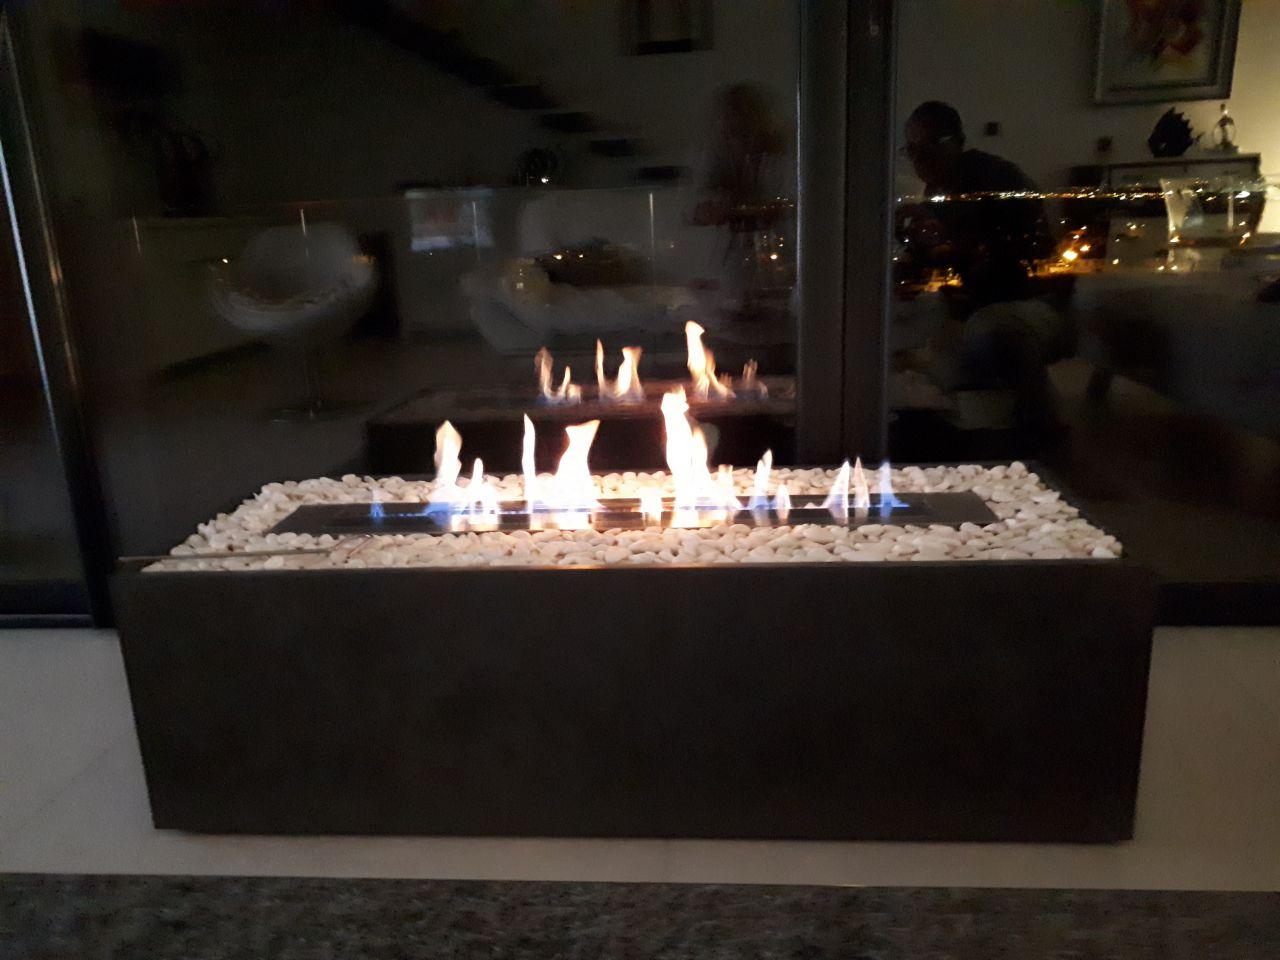 Nous avions envie d'une cheminée à éthanol que nous puissions déplacée. on a acheté le foyer et on a fait les plan, à la dimension souhaitée et on l'a mise sur roulettes (les roulettes sont cachées) on la p^recouverte d(un enduit façon béton métallisé et on a mis des gales blancs autour du foyer (qui repose sur une armature métallique) voilà le rendu!